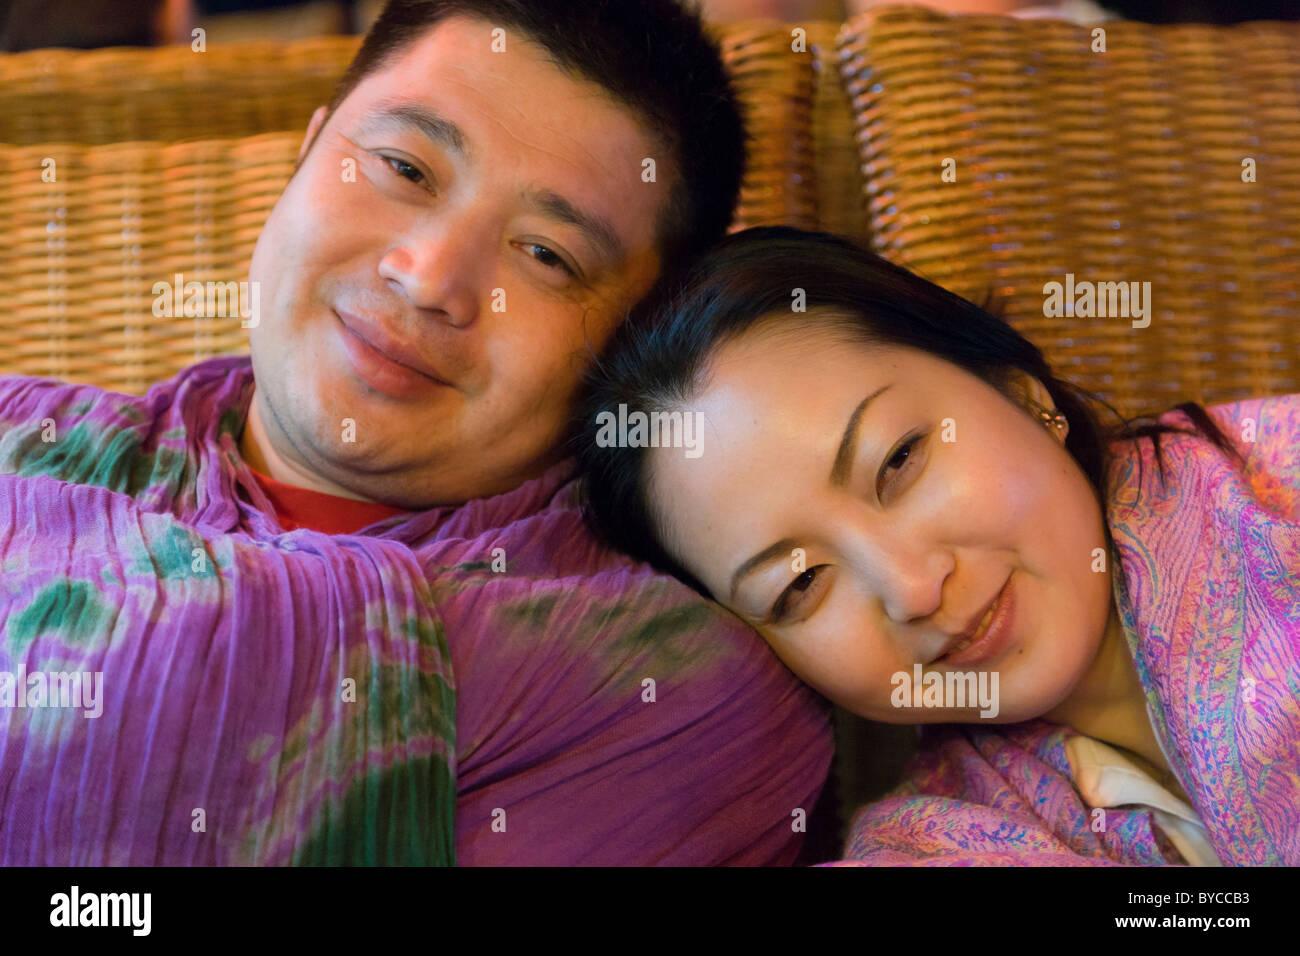 Robuste chinesischer Mann mit schönen jungen Chinesin mit traditionellen glatt Porzellan Puppe Teint. JMH4744 Stockbild